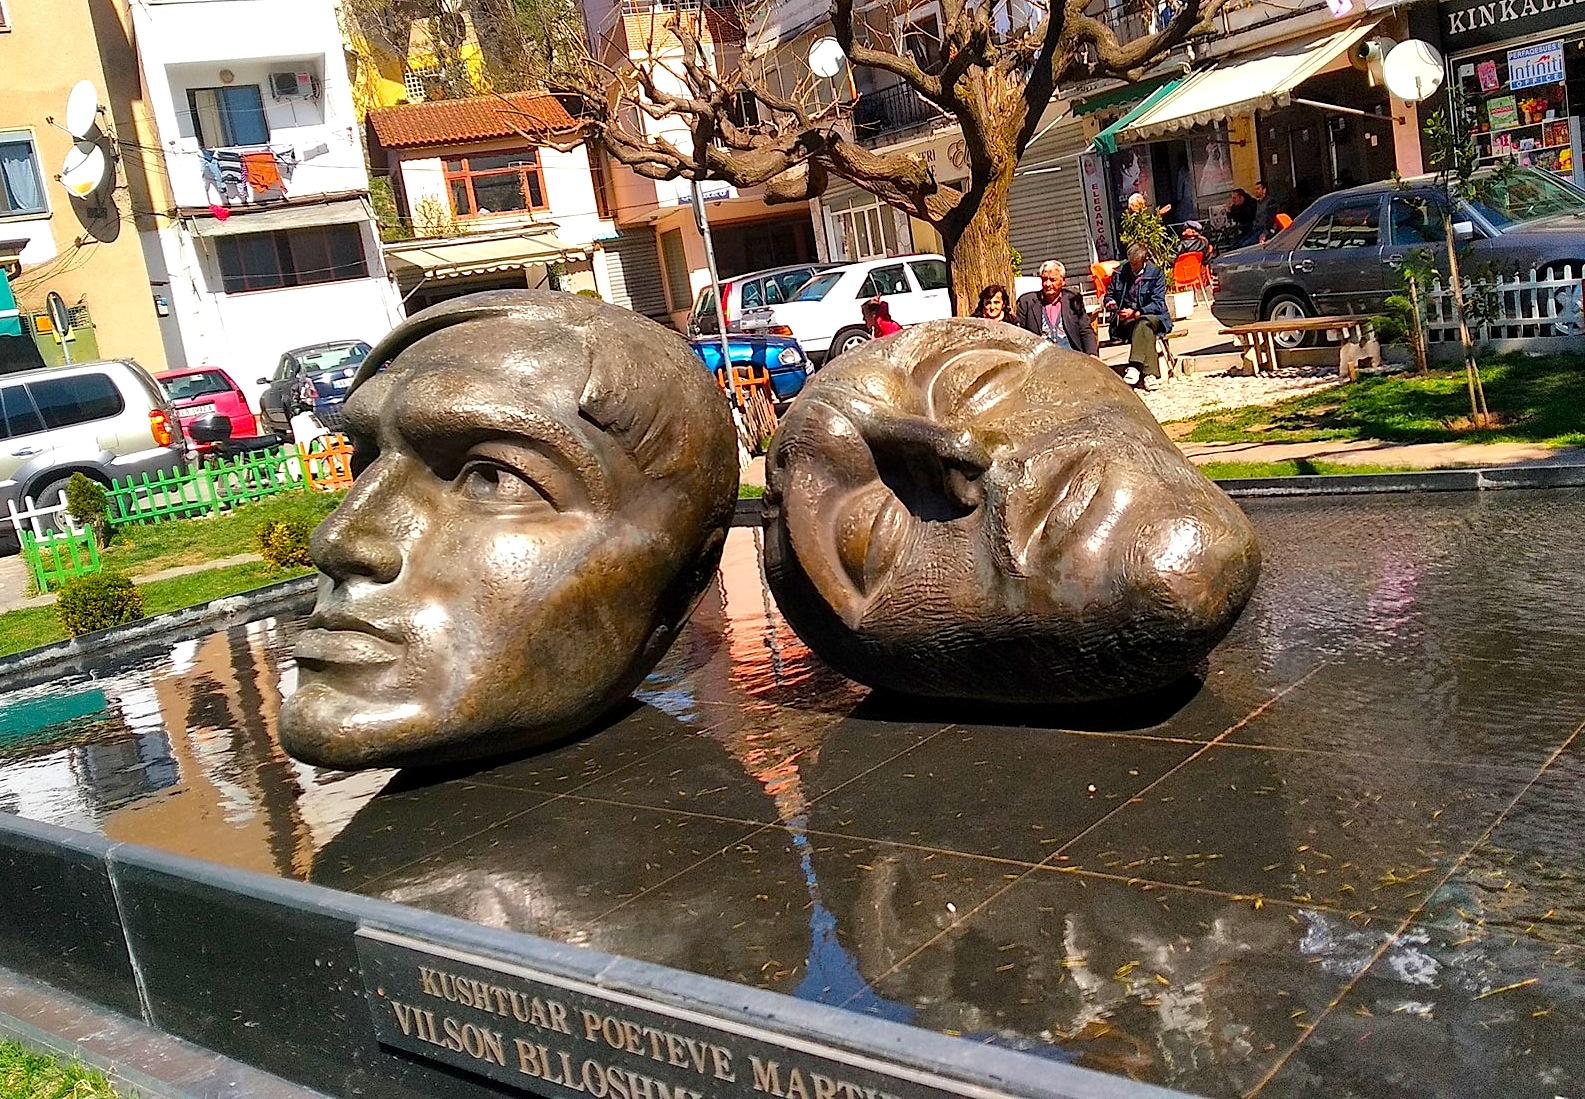 Statujat e Genc Lekës dhe Vilson Blloshmit në Librazhd